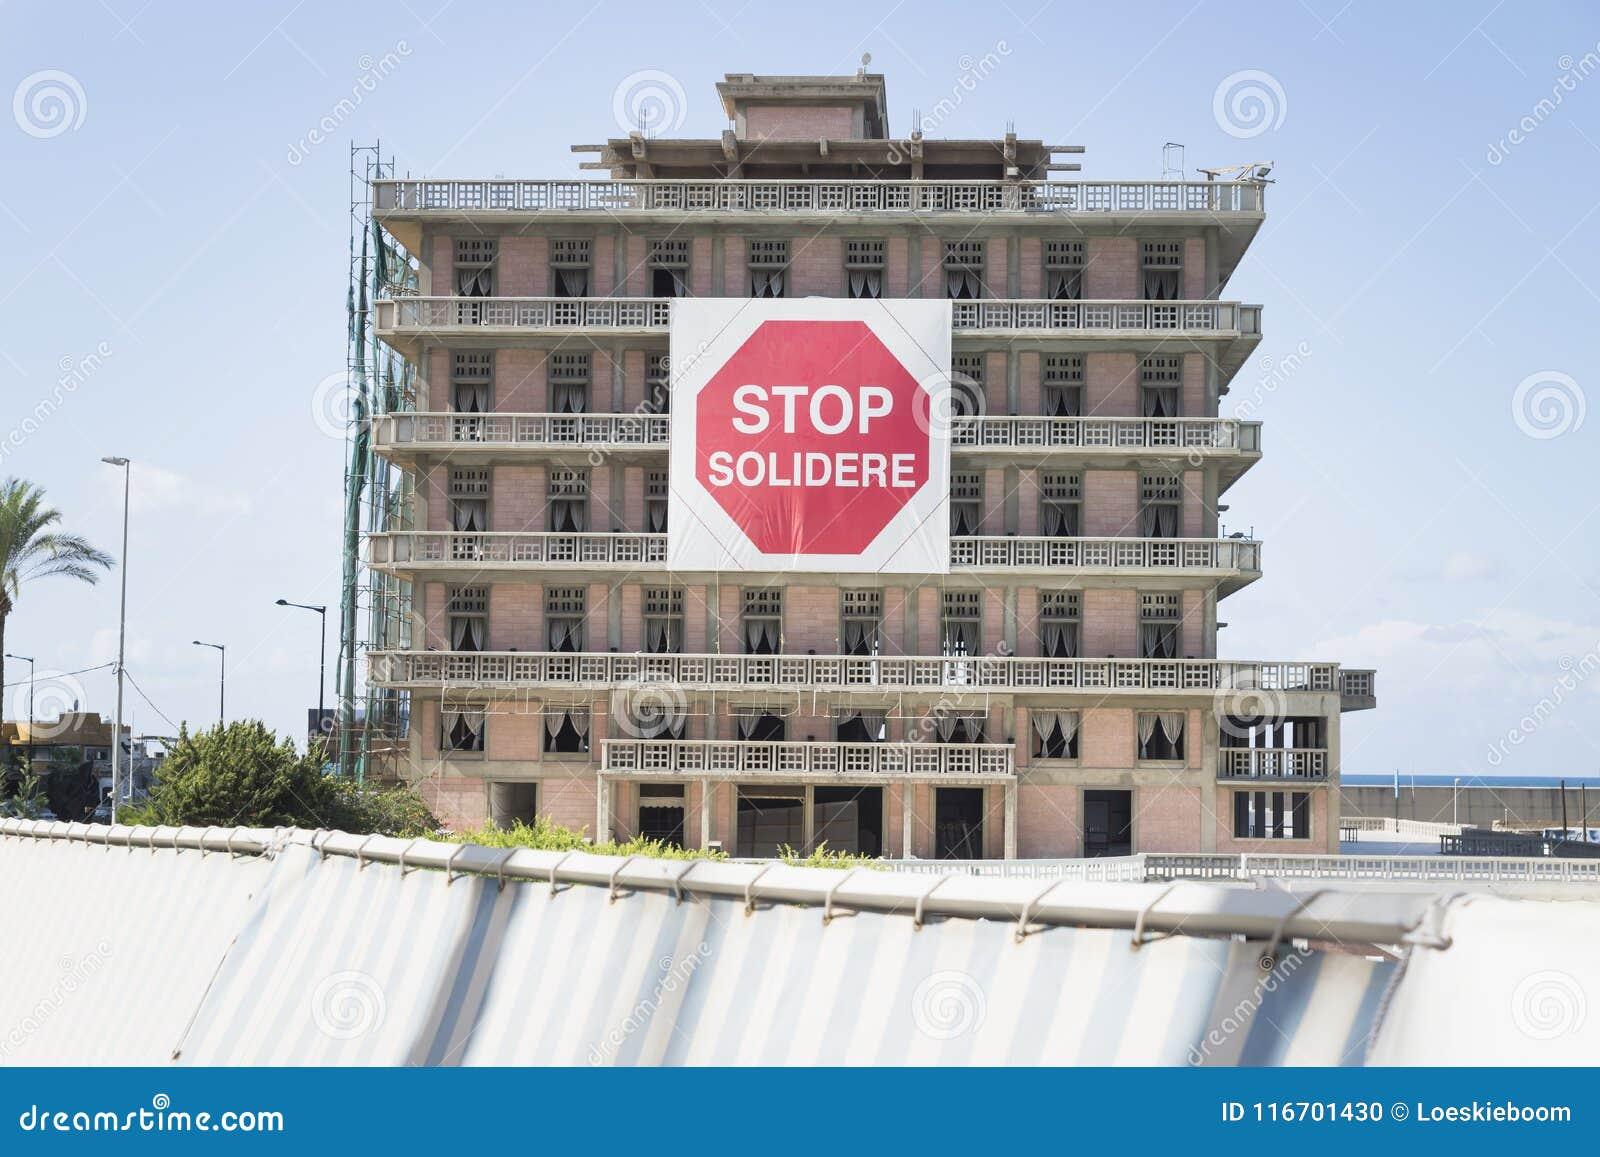 St George hotel z protestacyjnym znakiem przerwy solidere w Bejrut, Liban